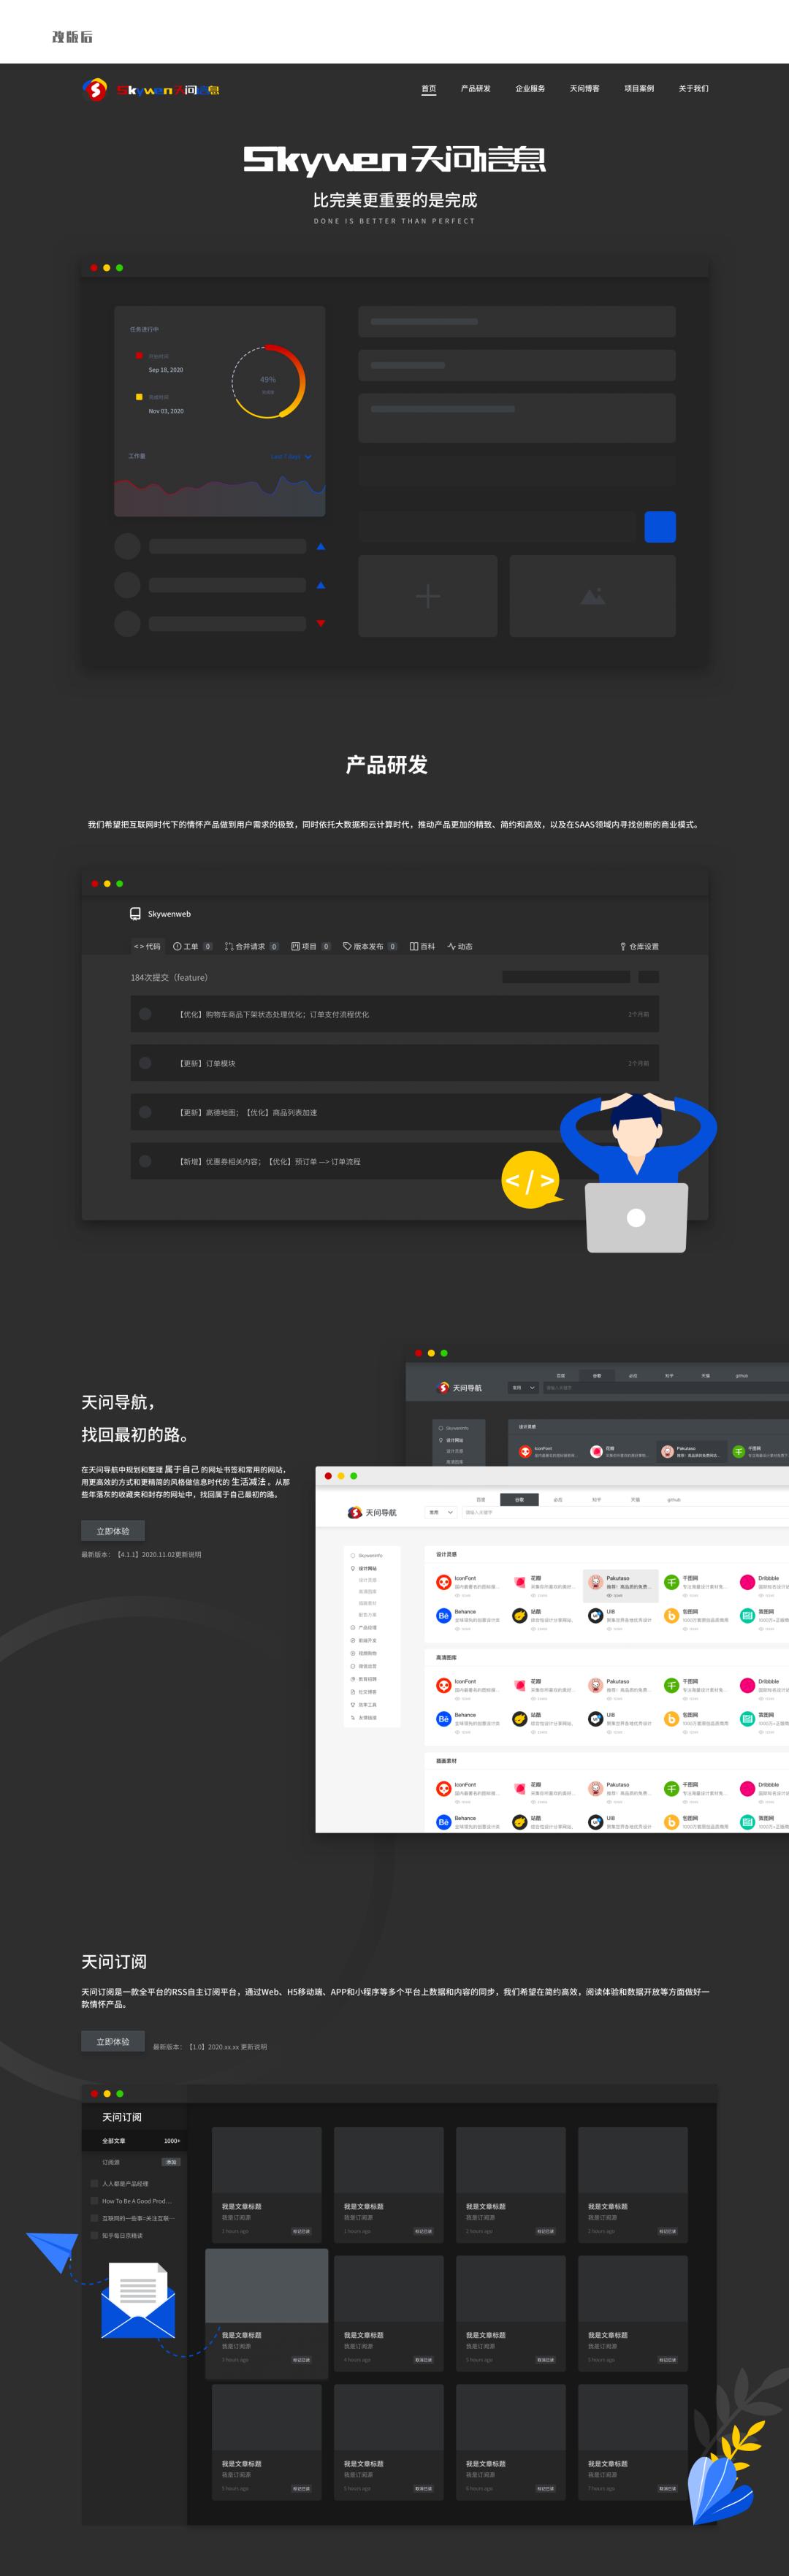 产品案例 | 官网UI设计-天问信息博客平台